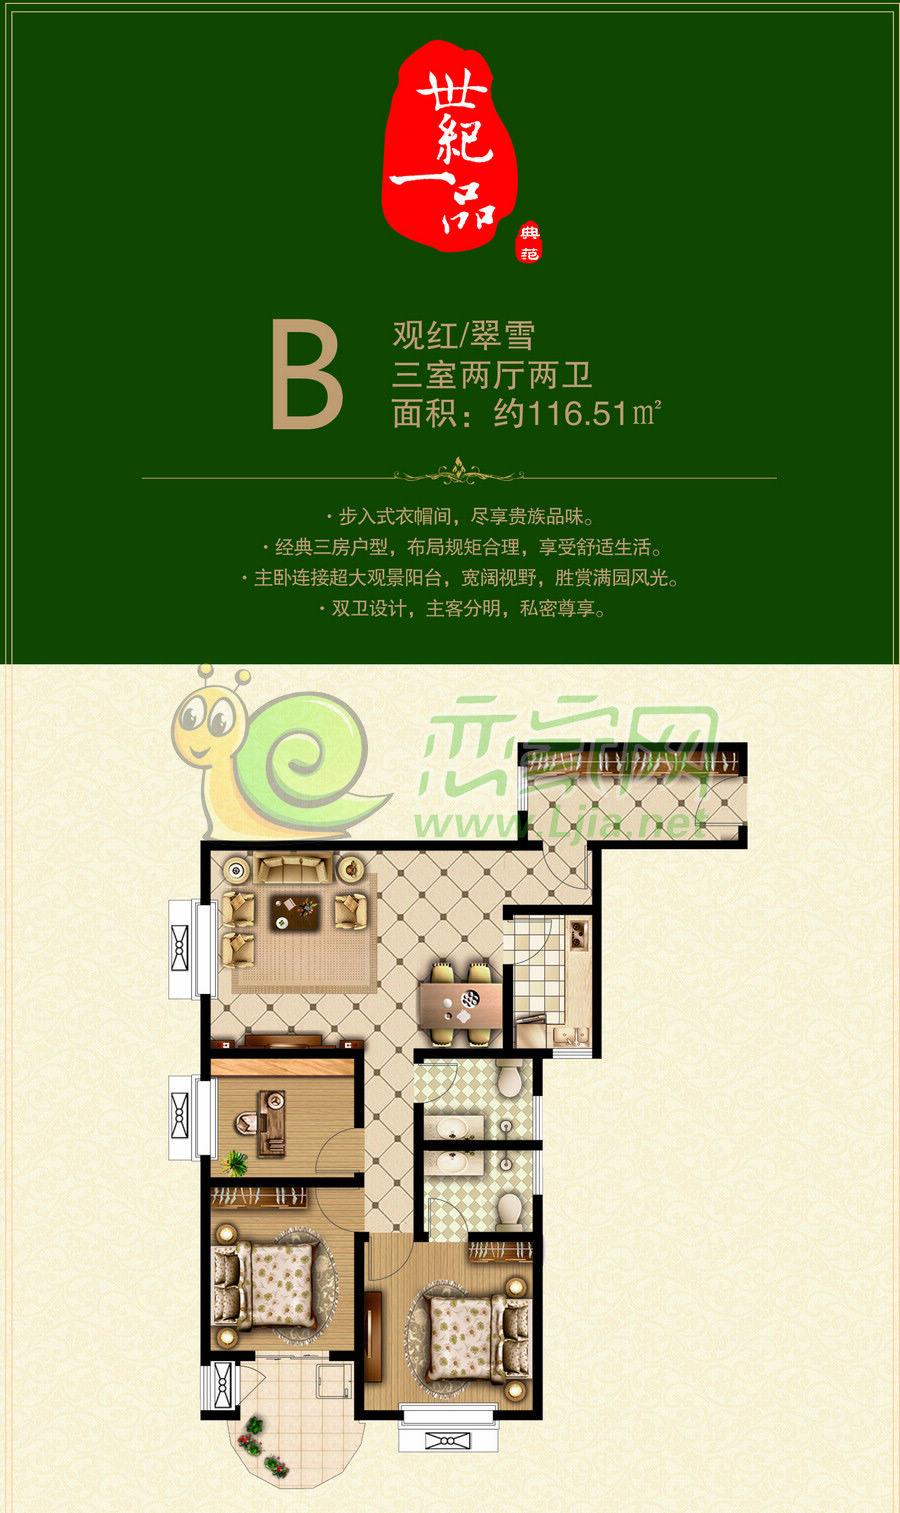 3#/4#楼B户型